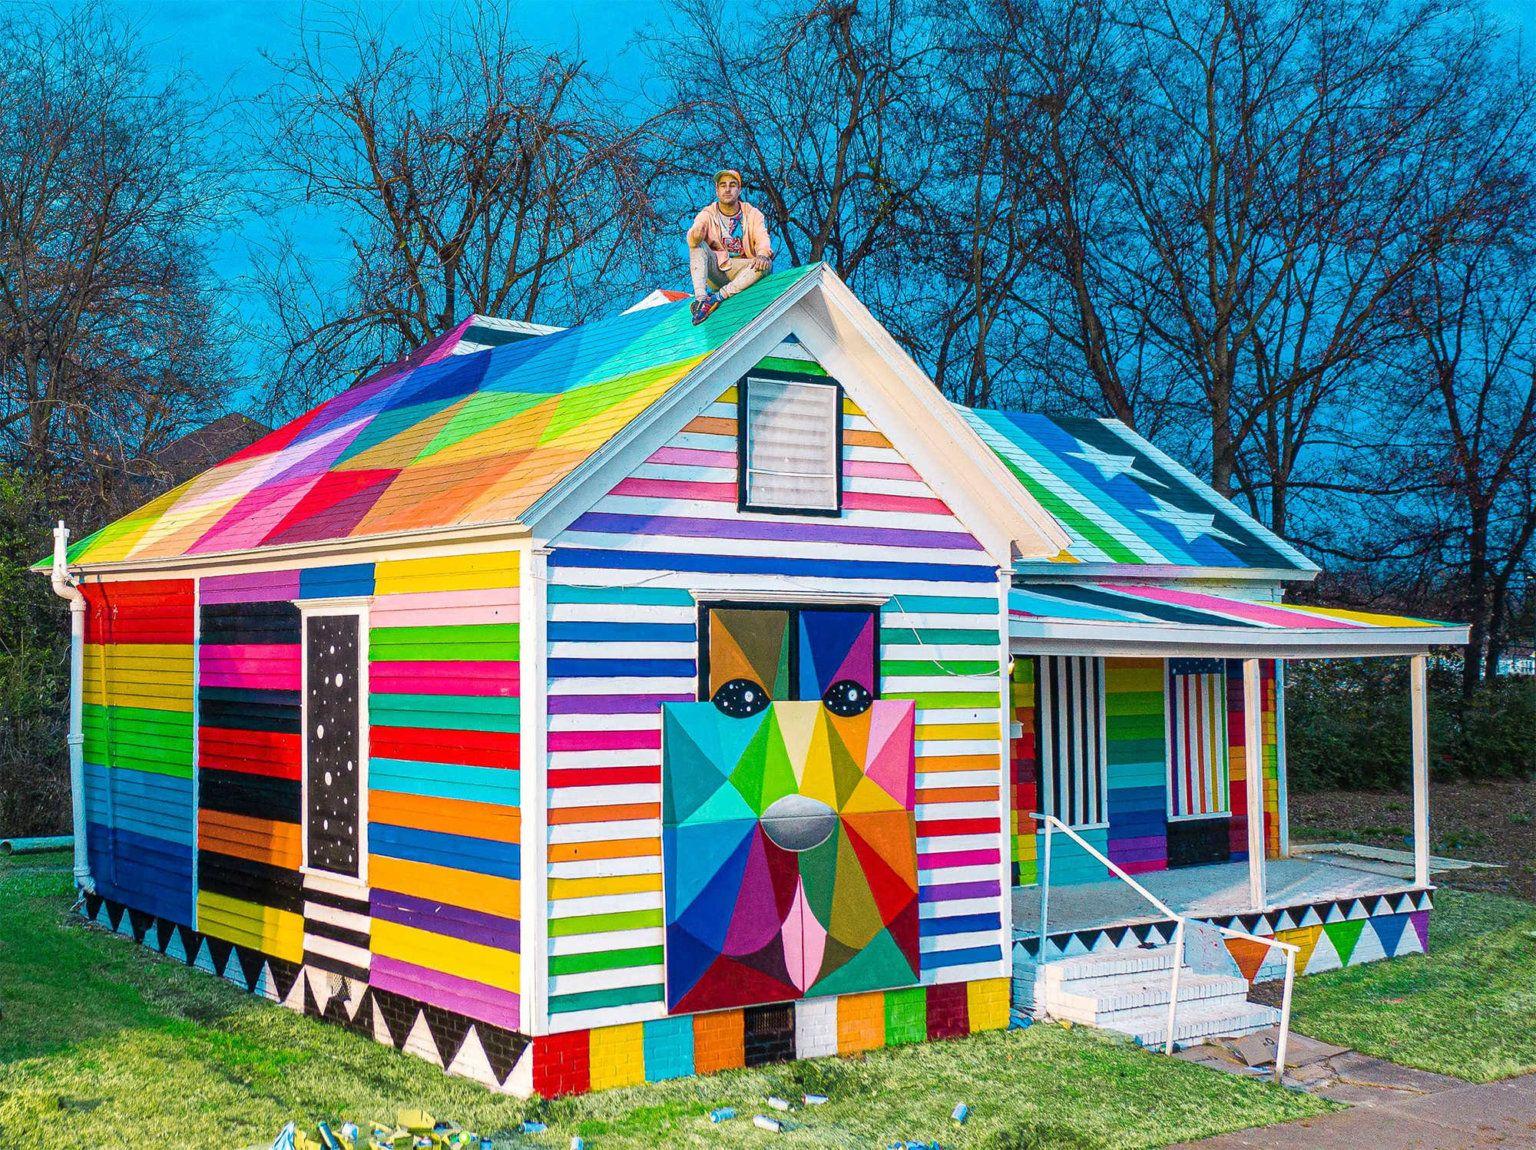 Colores Y Formas Geometricas Transforman Una Casa Abandonada Por